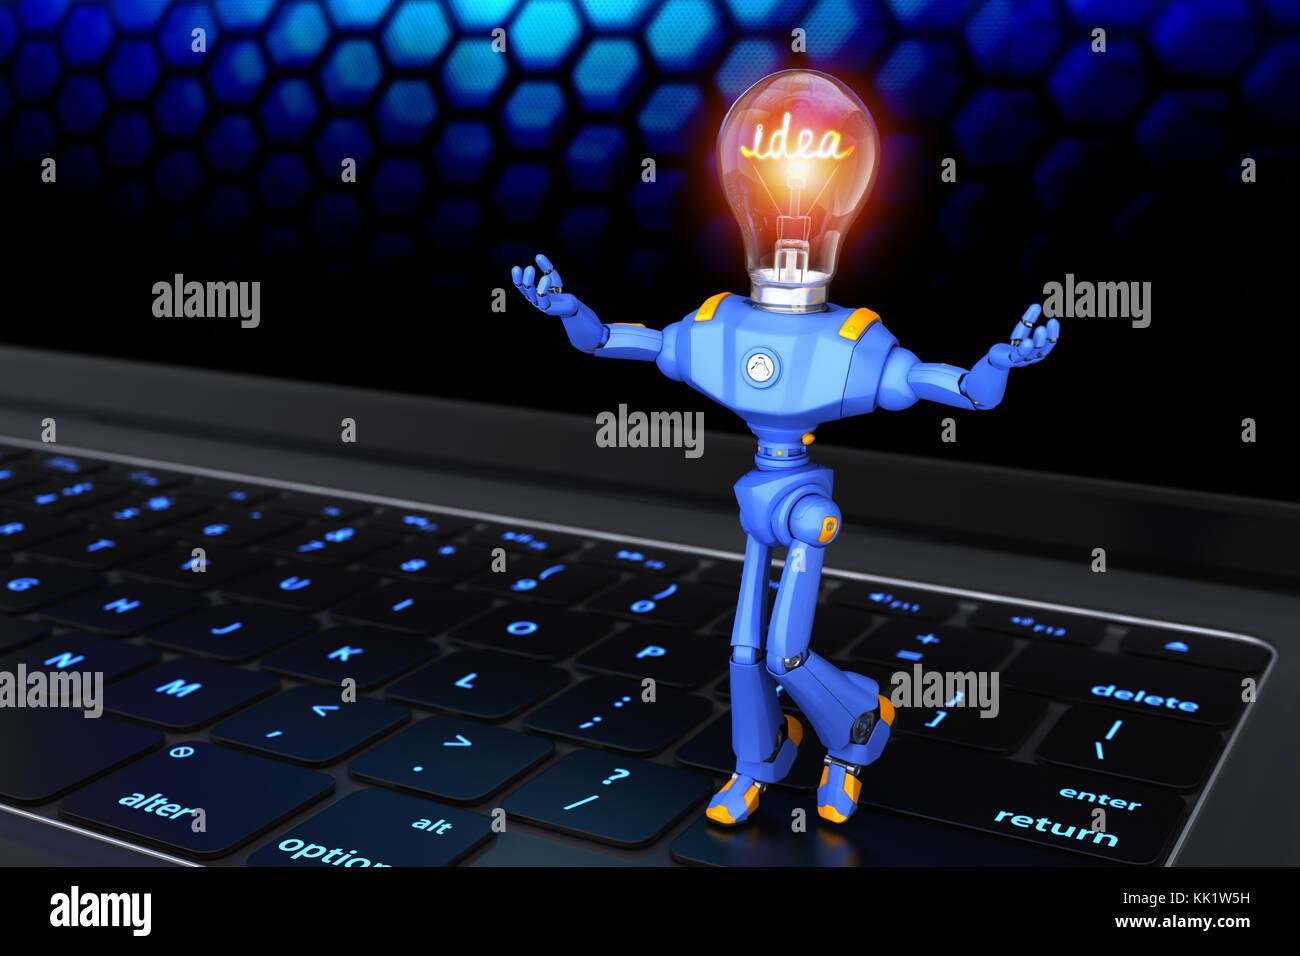 Kleine Roboter auf der Tastatur. 3D-Darstellung Stockbild